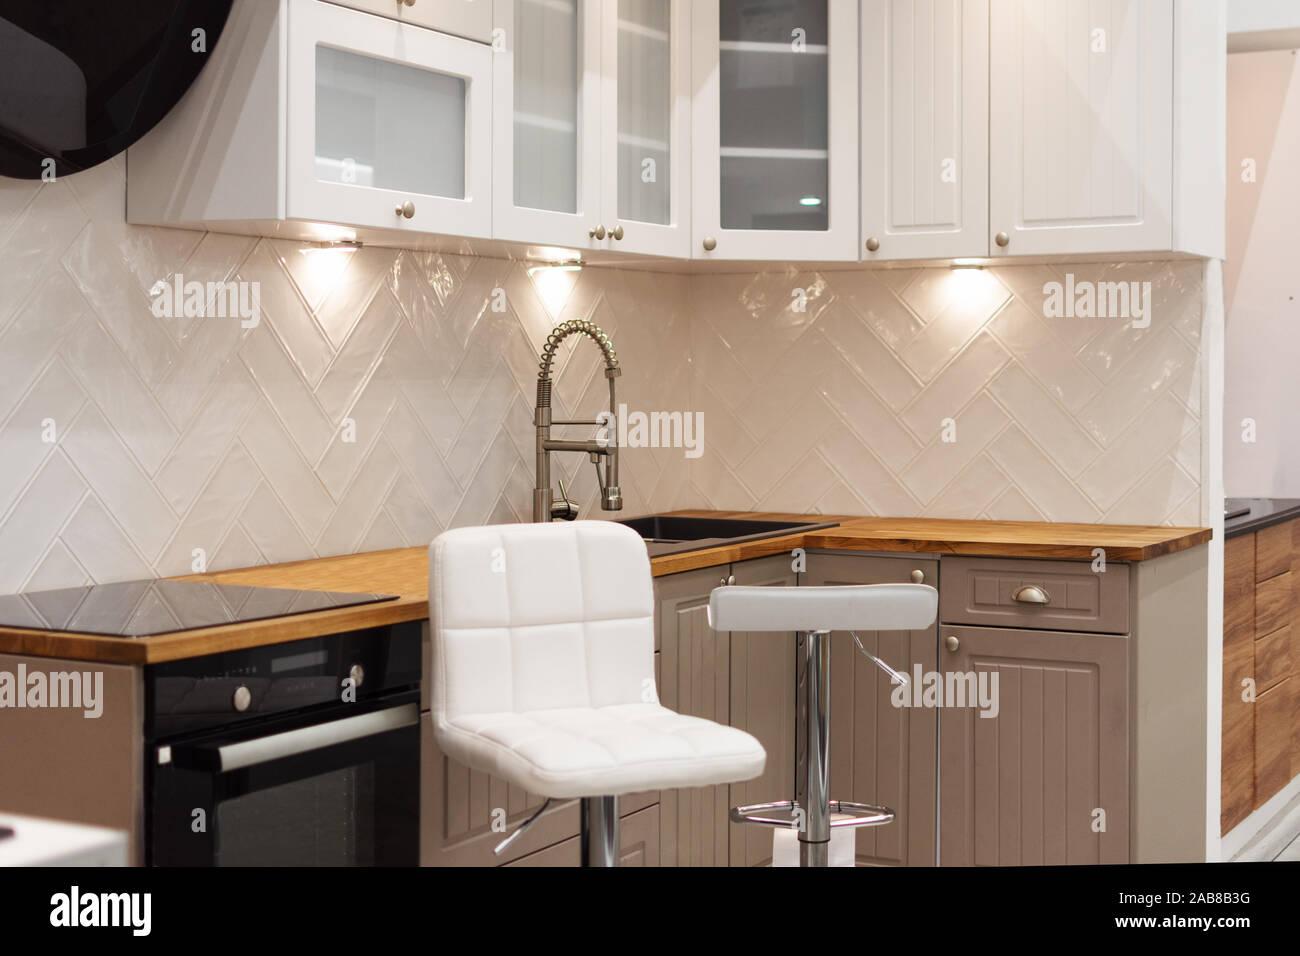 Interior Design Of A Luxury Modern Kitchen Wooden And White